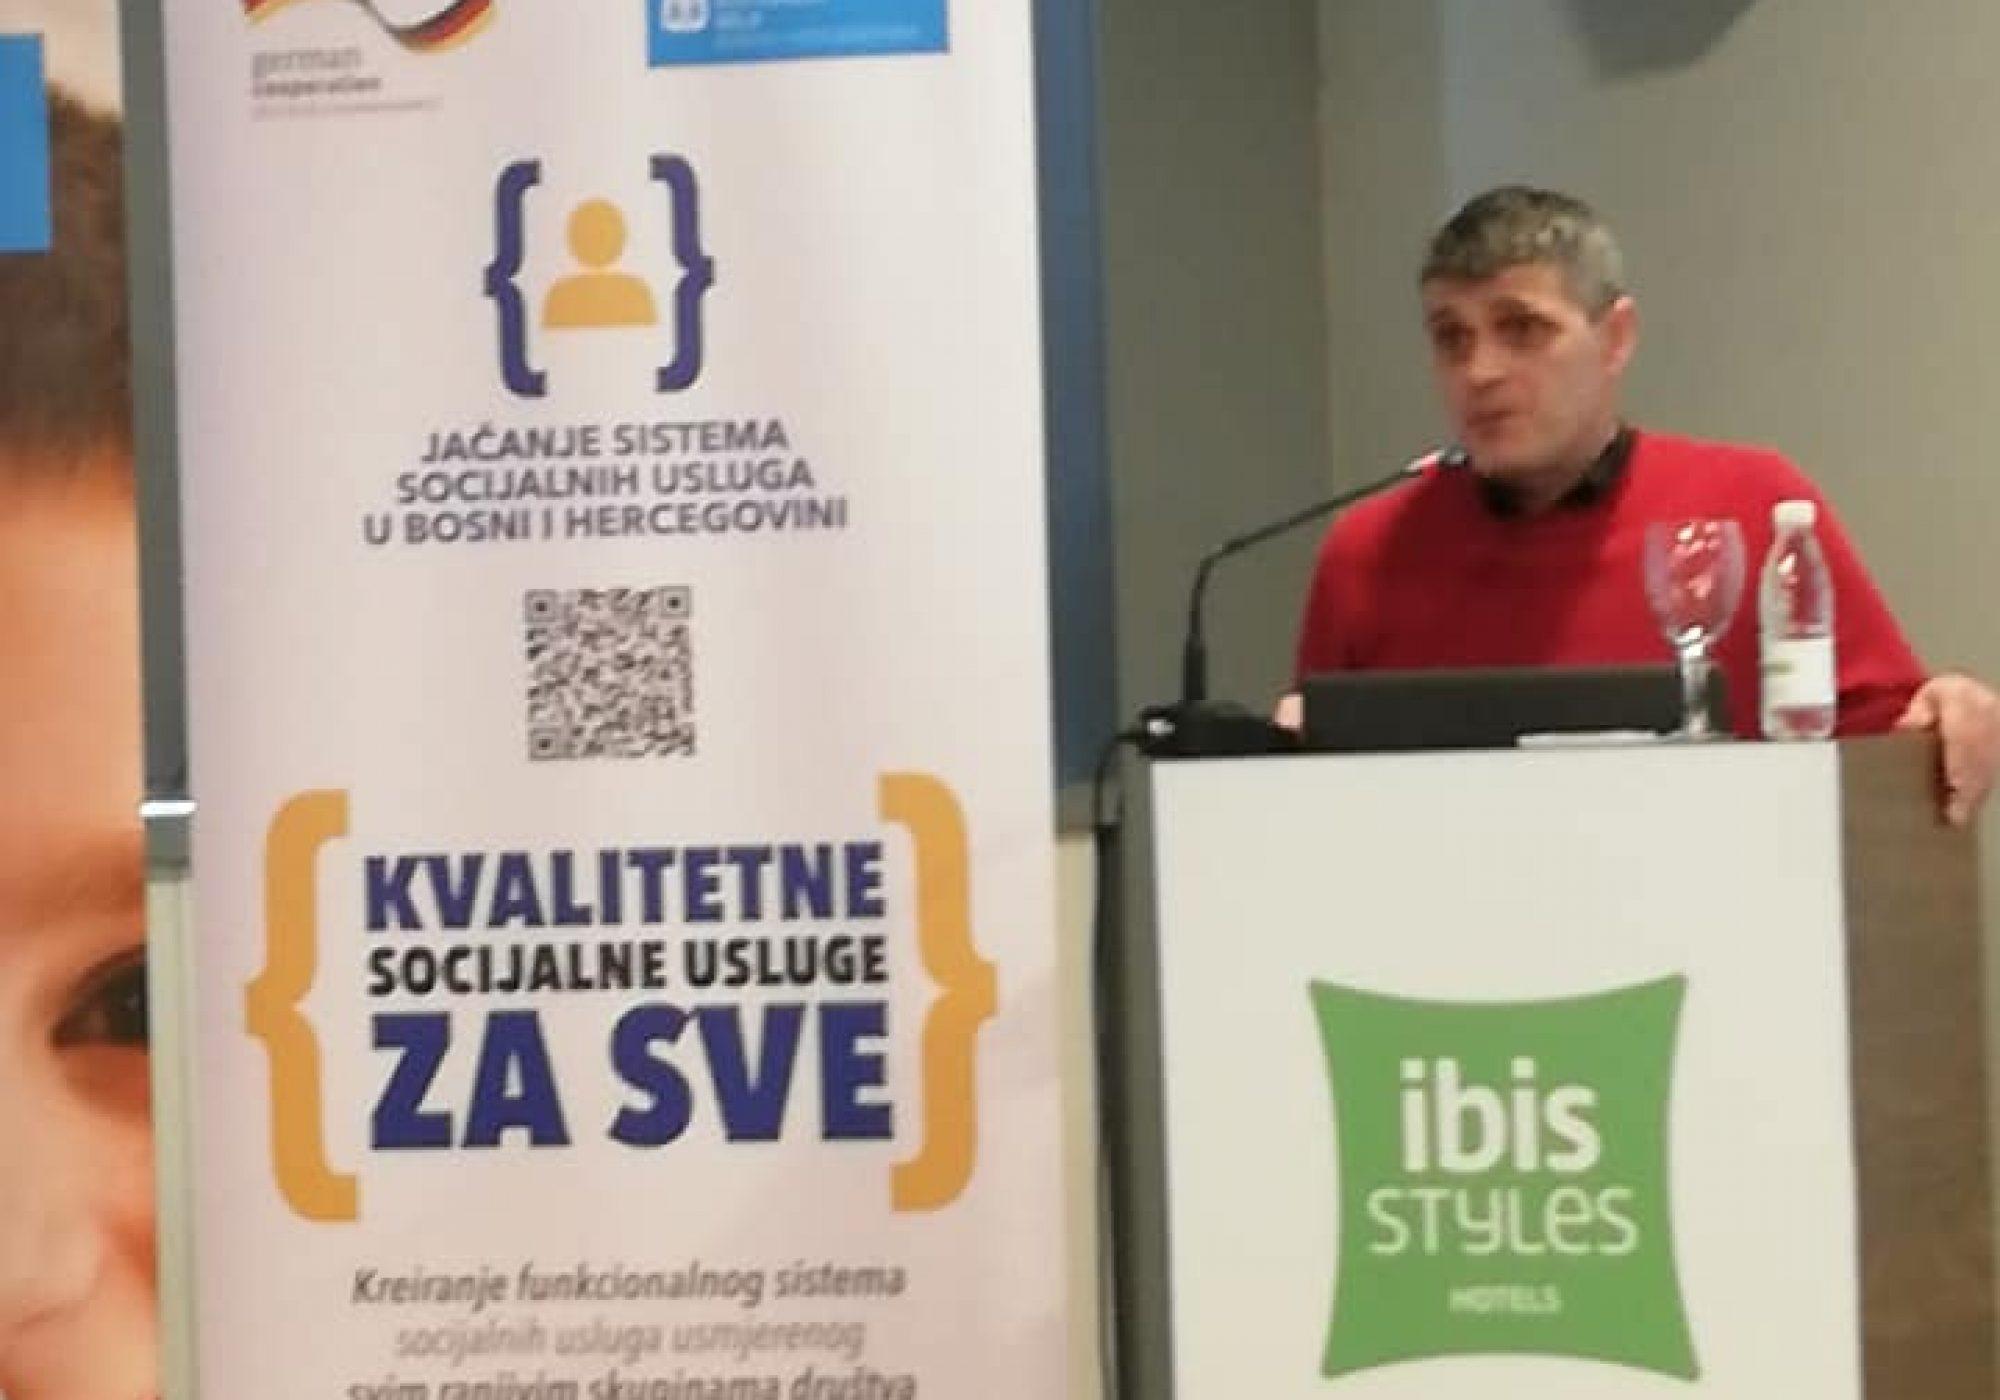 """Održana konferencija na temu """"Jačanje sistema socijalnih usluga u Bosni i Hercegovini"""""""